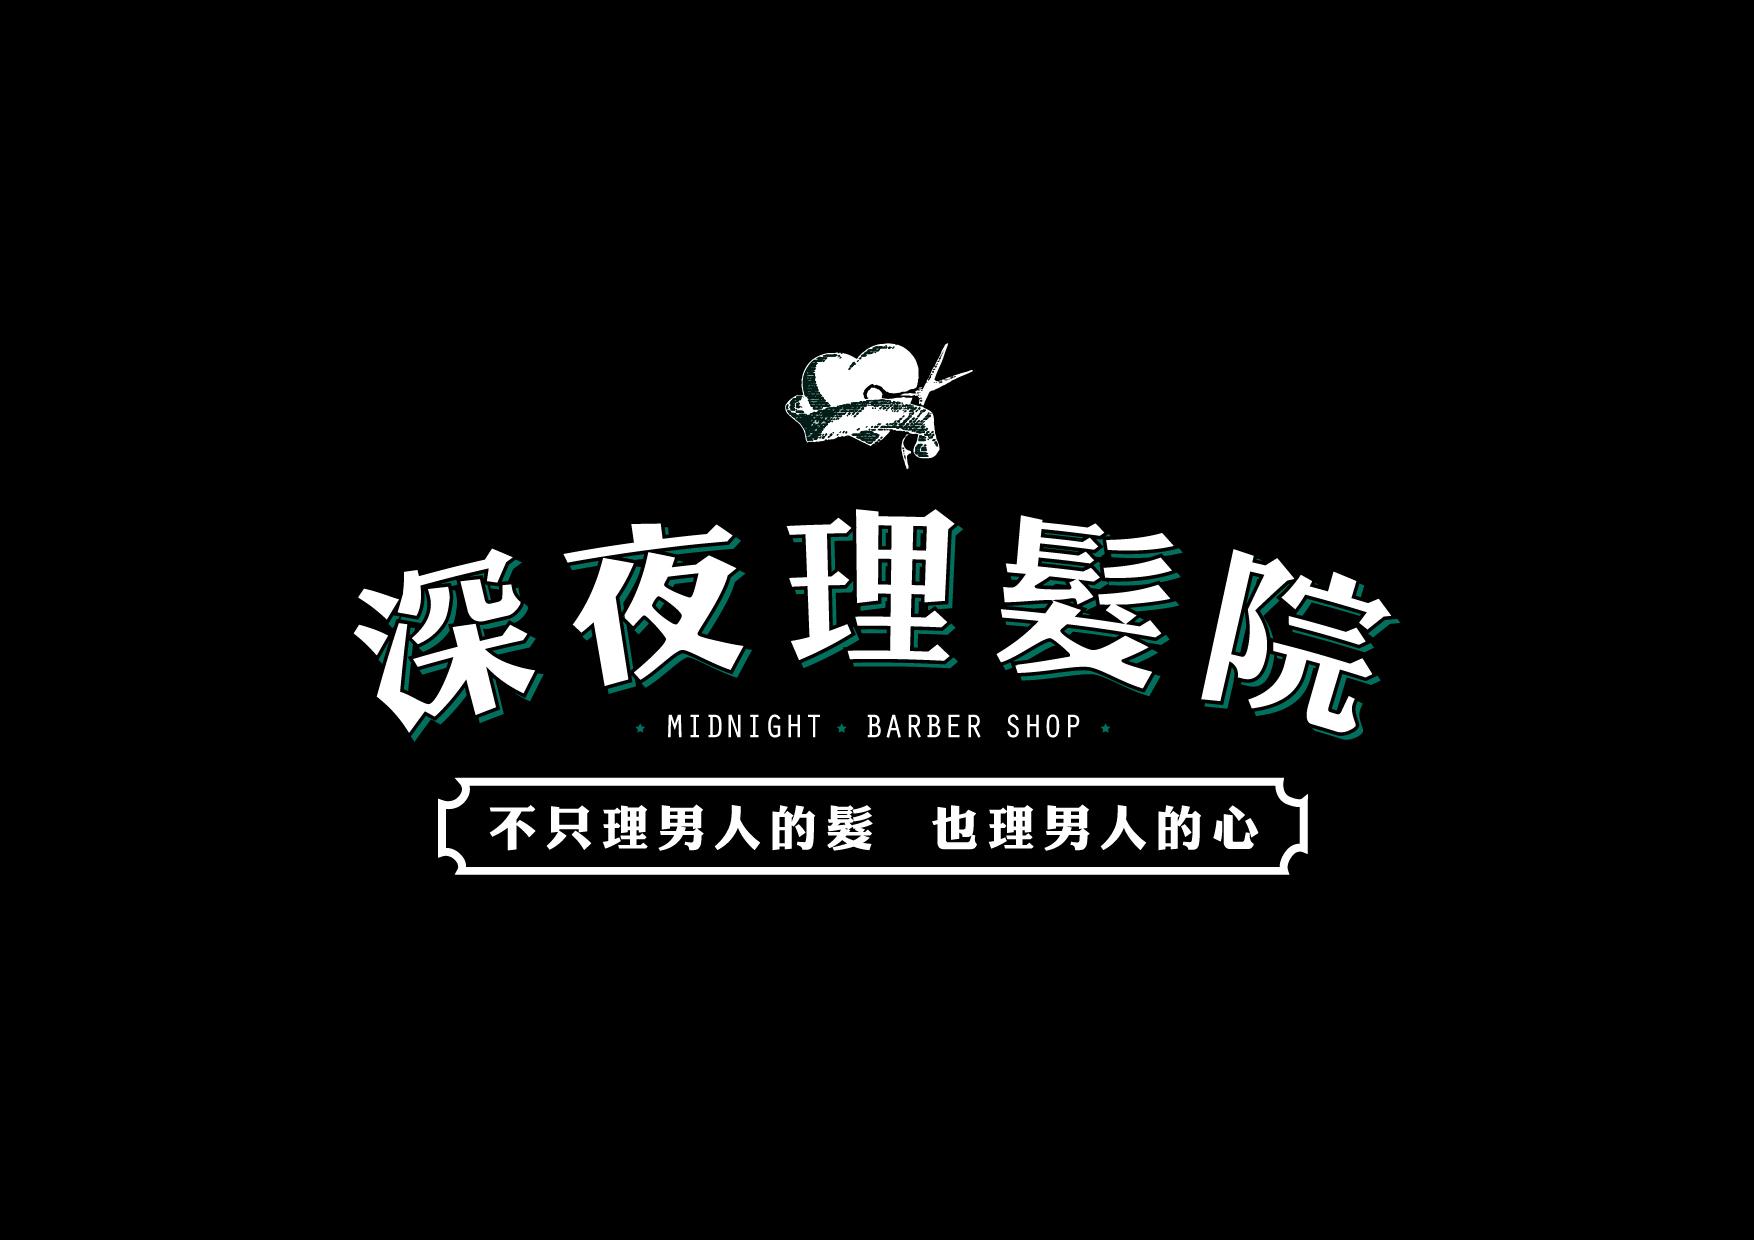 落建_深夜理髮院logo2